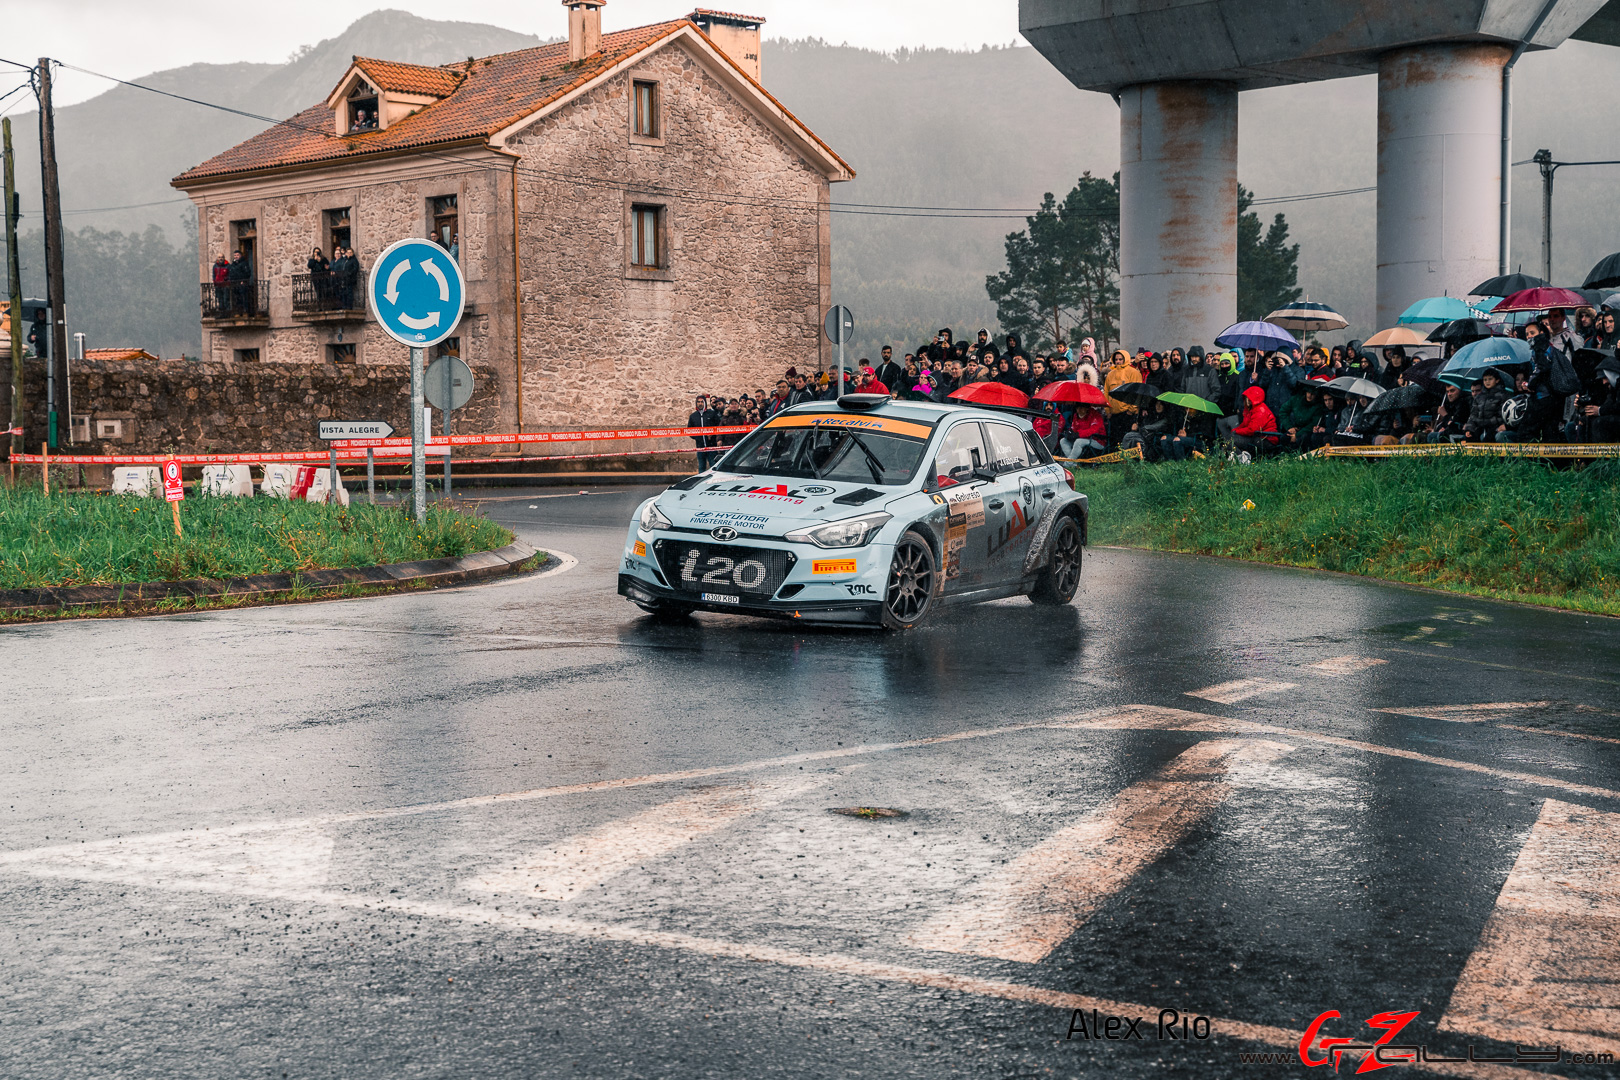 Rally de A Coruña 2020 - Alex Rio